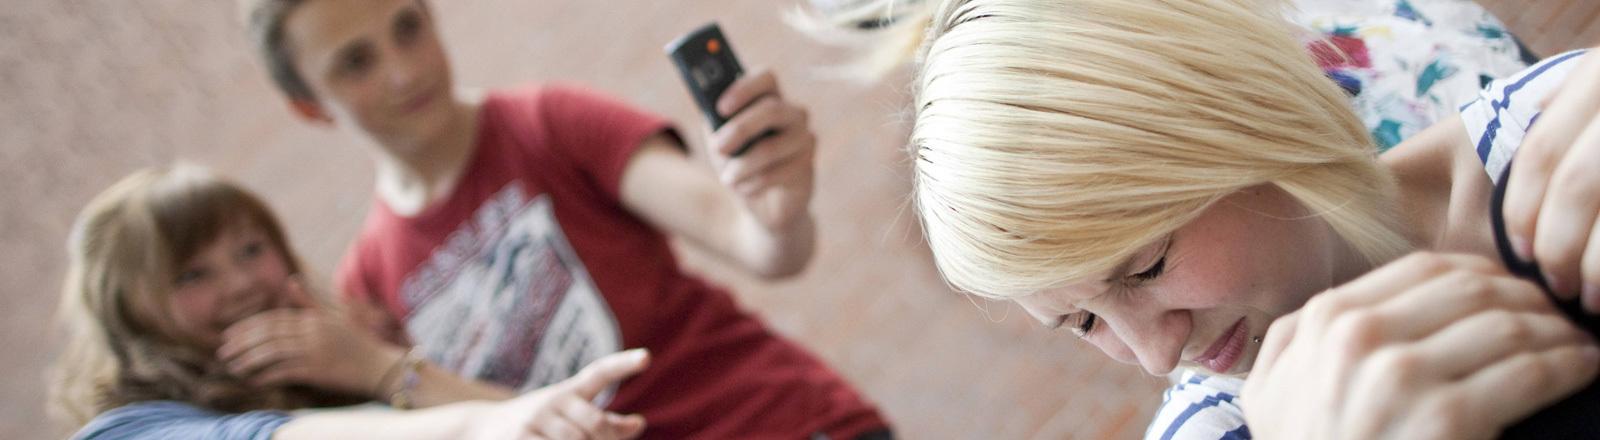 Symbolfoto: Ein Mädchen wir von Gleichaltrigen gehänselt und dabei mit einem Smartphone fotografiert.